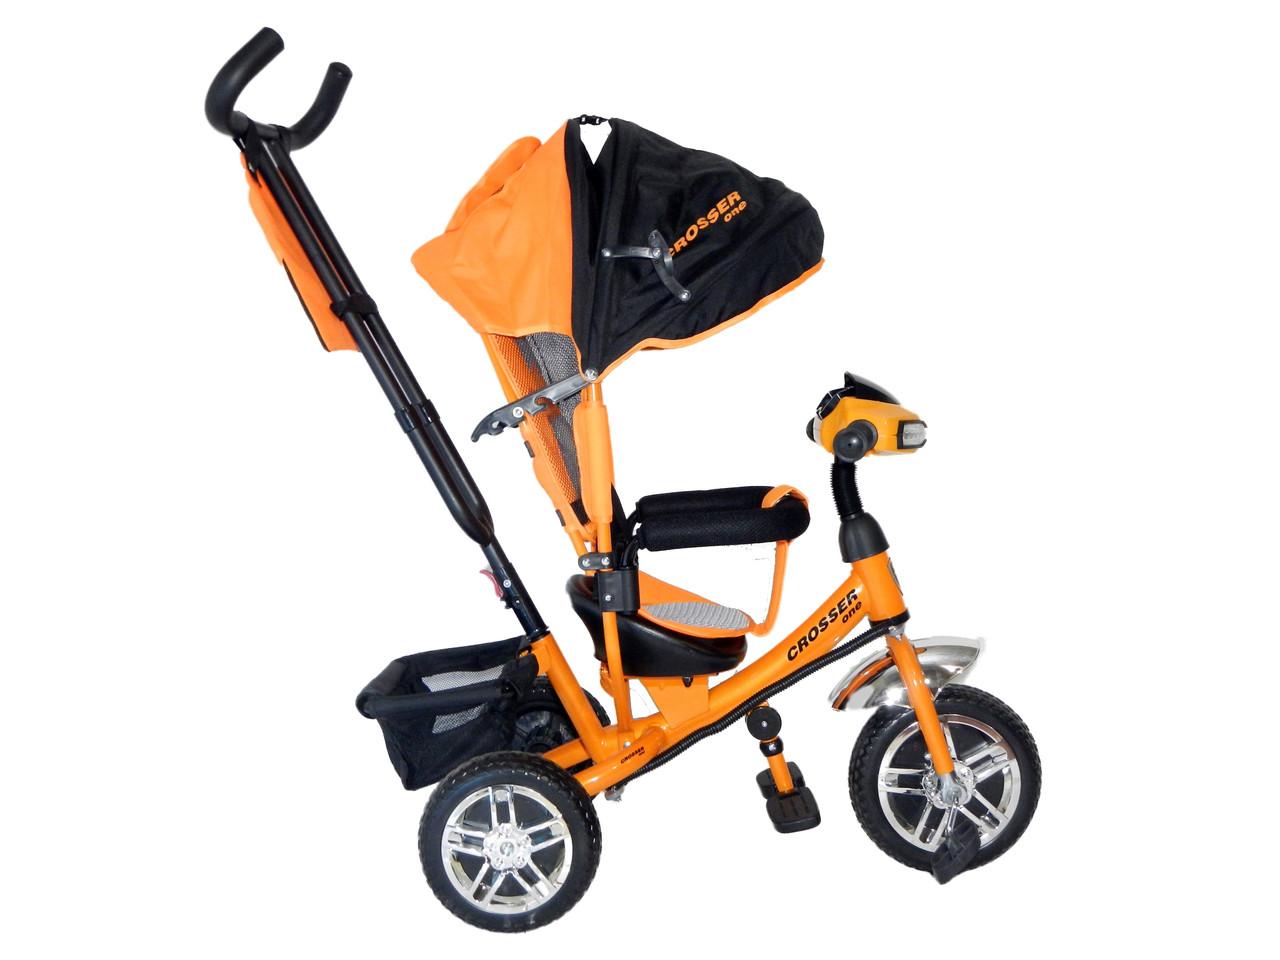 Детский трехколесный велосипед Crosser One T-1 с фарой